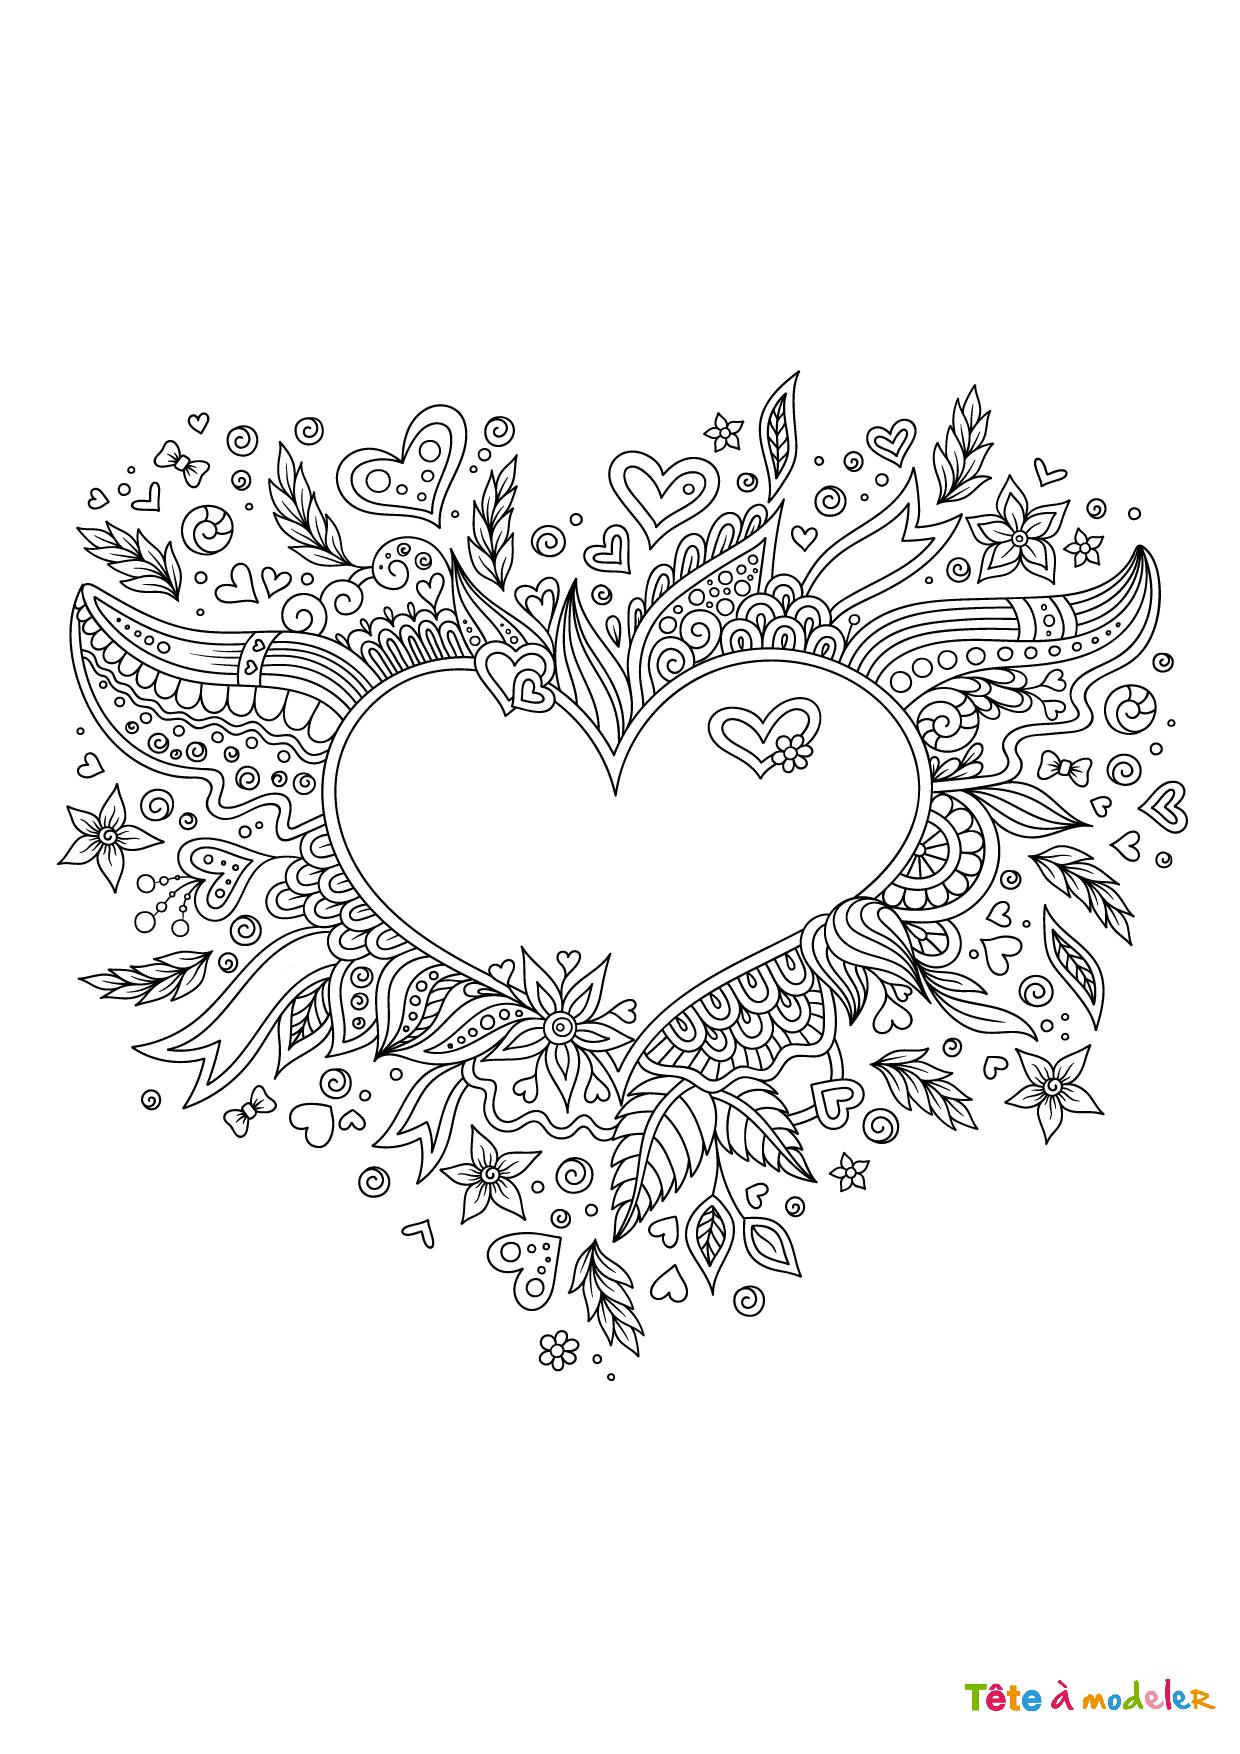 Coloriage Saint Valentin À Imprimer - Tête À Modeler à Dessin Pour La Saint Valentin